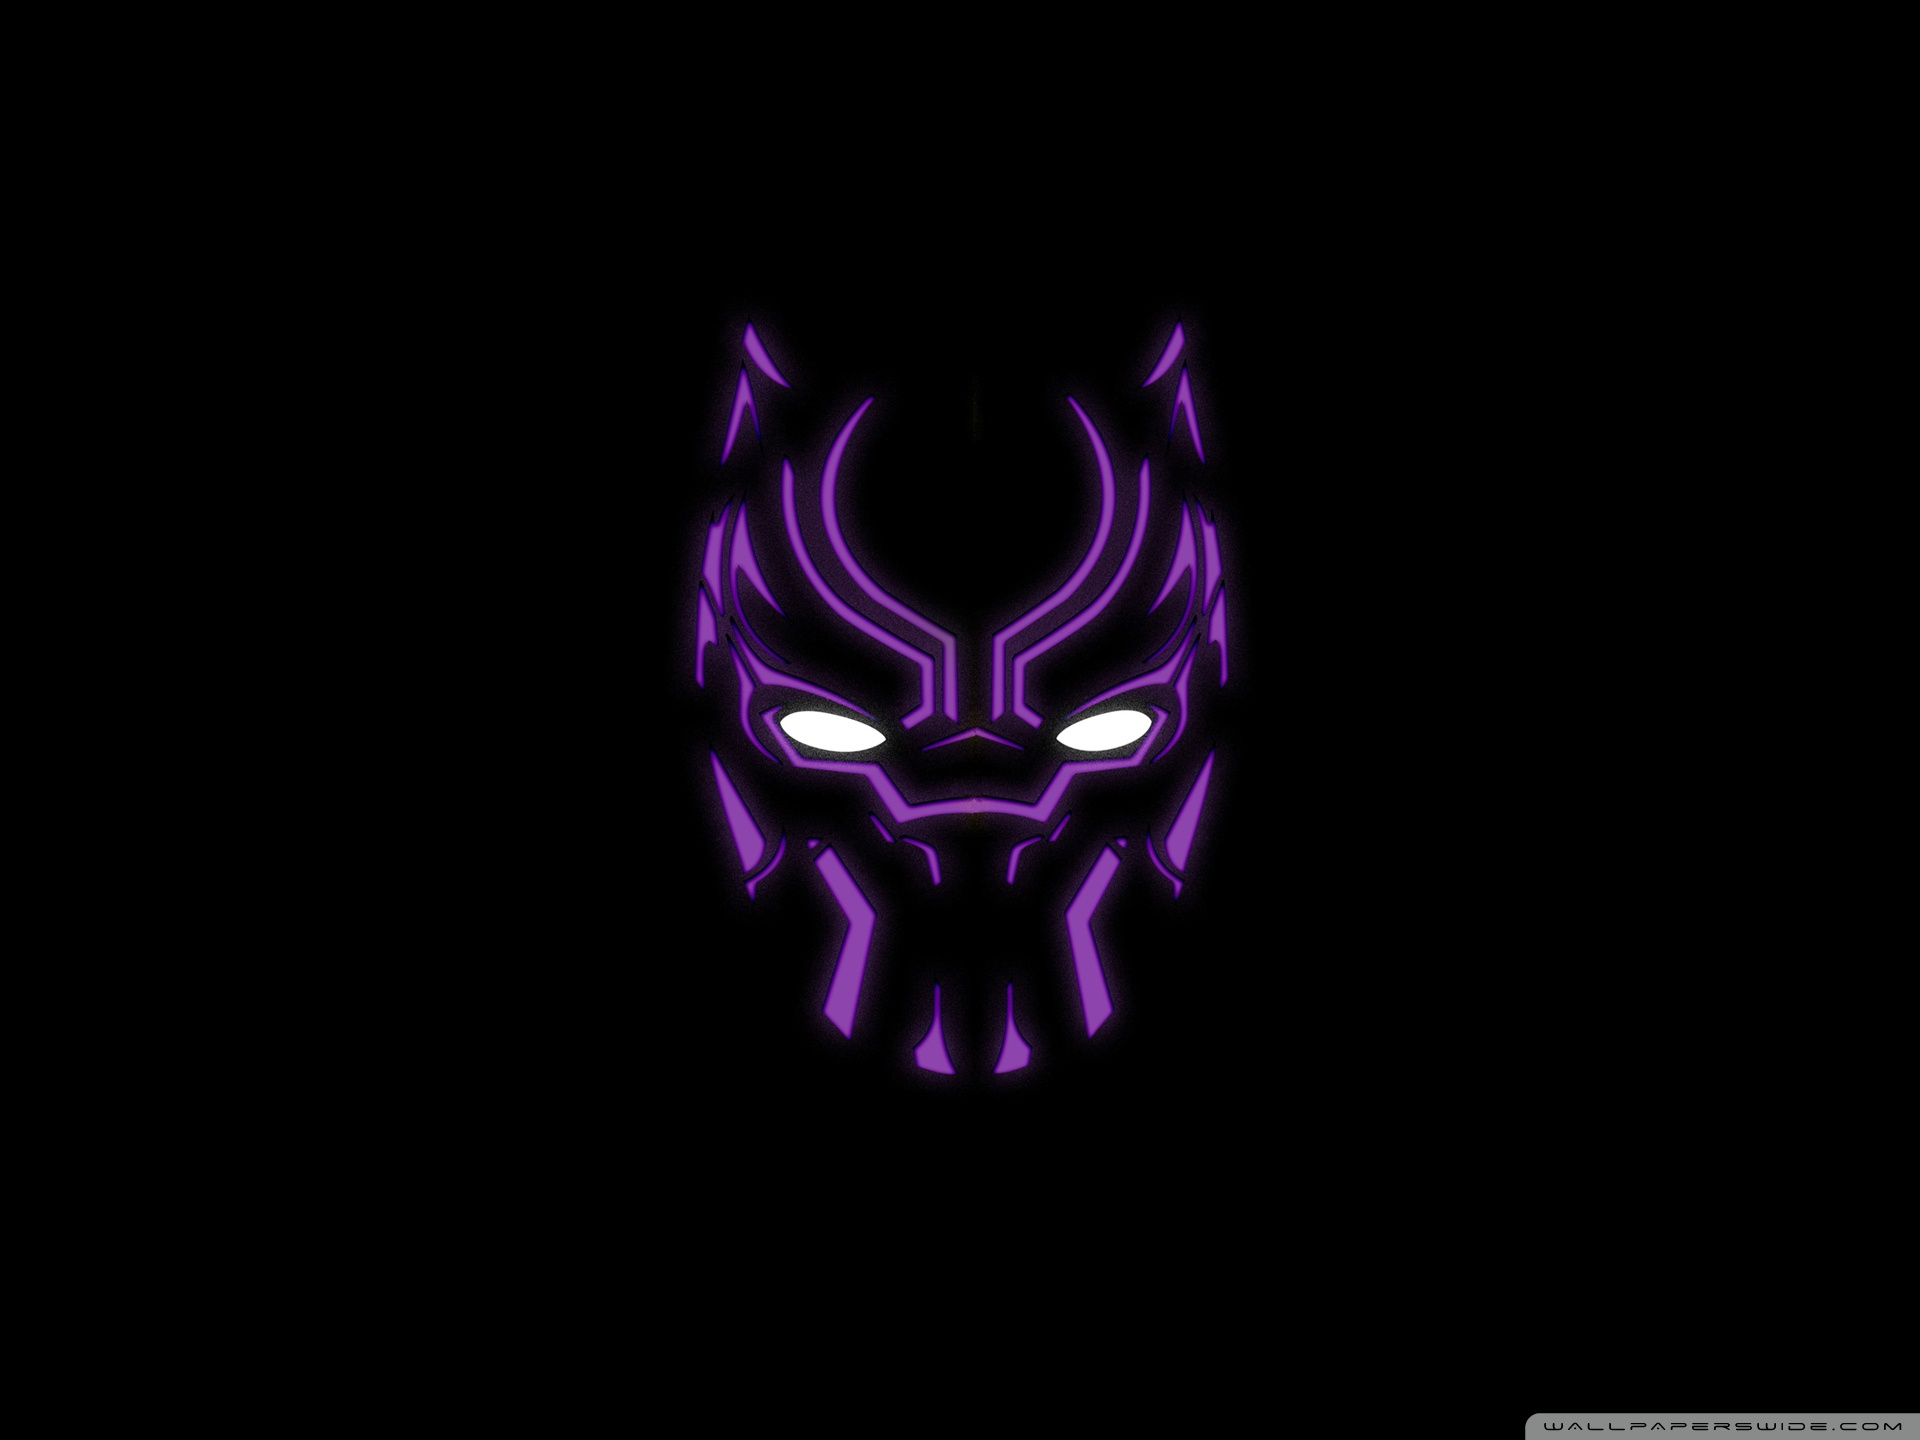 live time wallpaper,violet,purple,pink,magenta,light